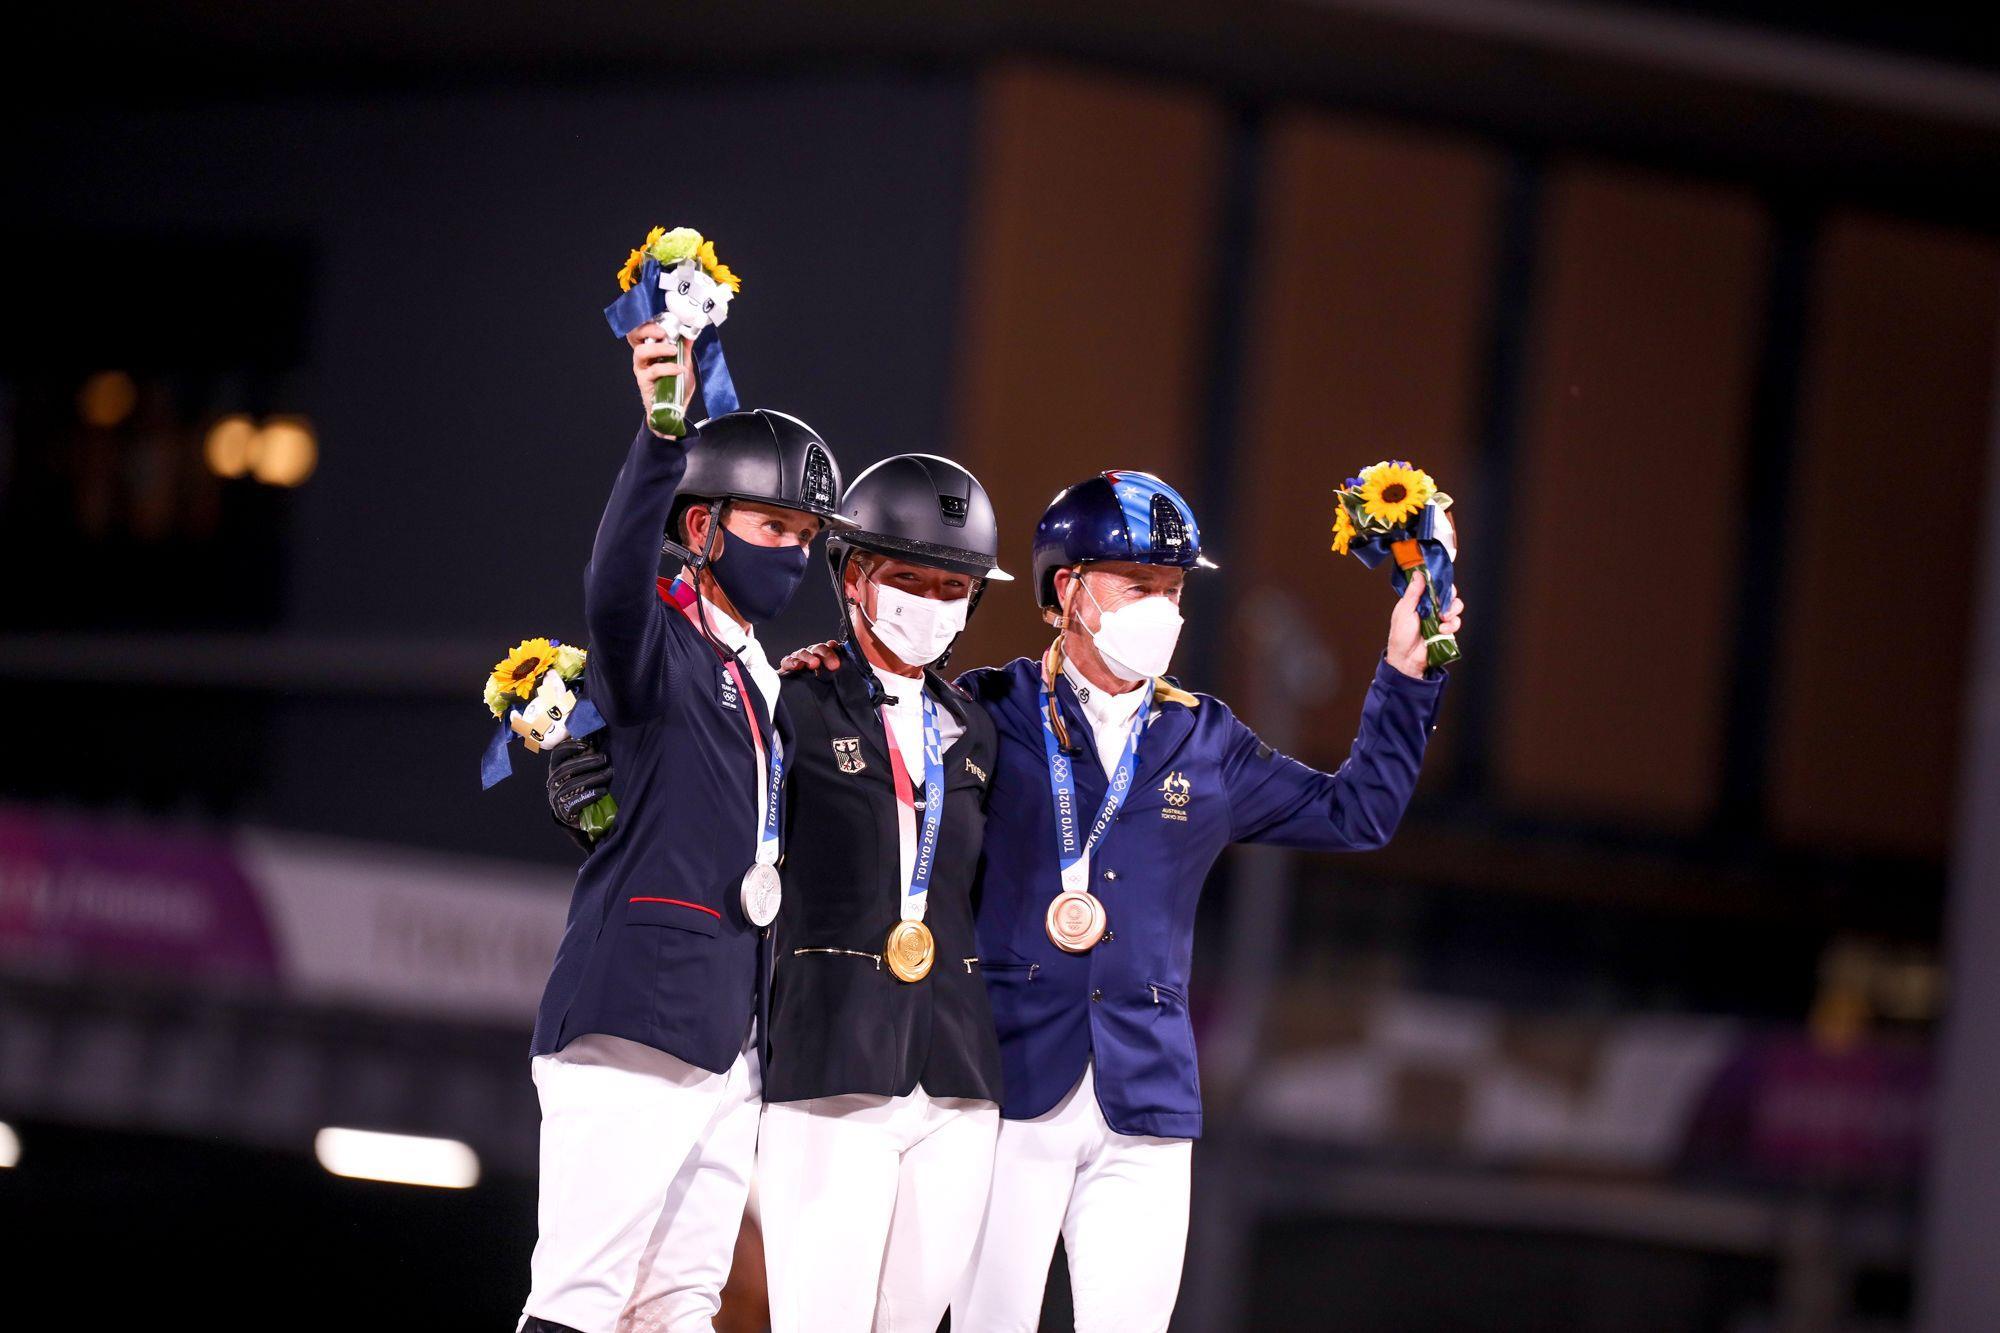 Pódio do CCE Individual,  com a alemã Julia Krajewski (Ouro),  o britânico Tom McEwen (Prata) e o australiano Andrew Hoy (Bronze), om a alemã Julia Krajewski (Ouro),  o britânico Tom McEwen (Prata) e o australiano Andrew Hoy (Bronze), Luis Ruas/CBH,